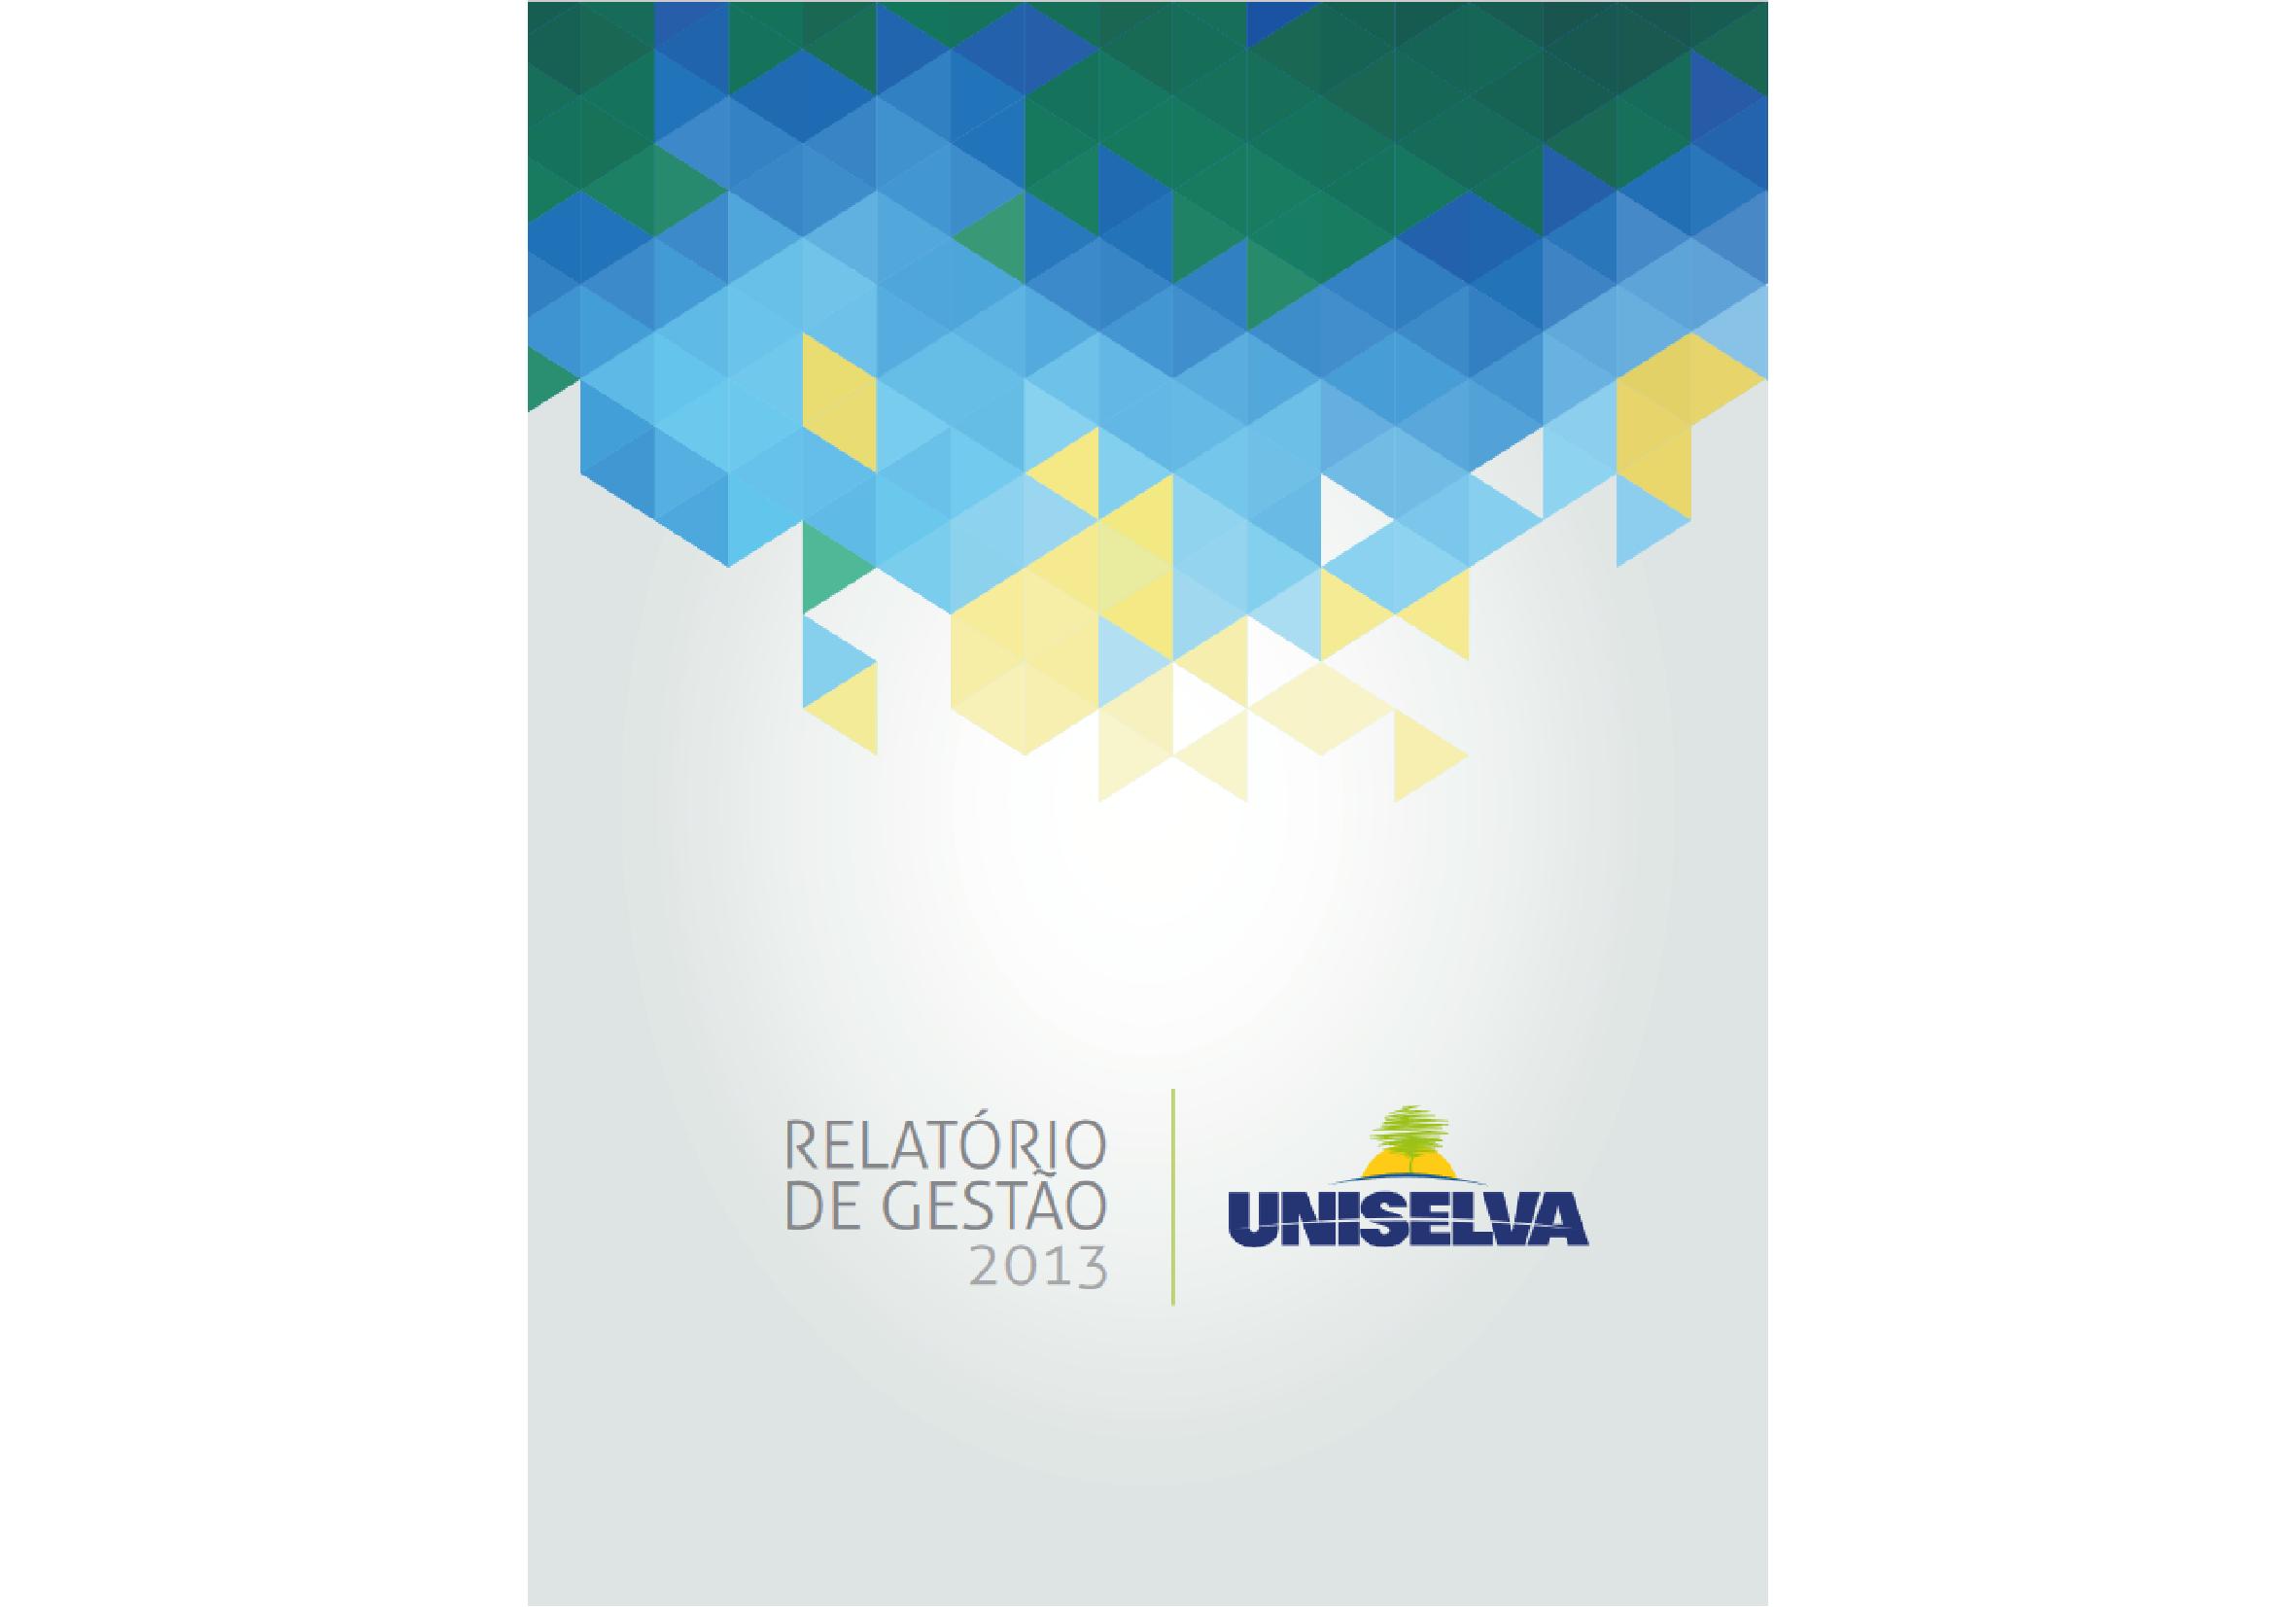 Relatório de Gestão - 2013